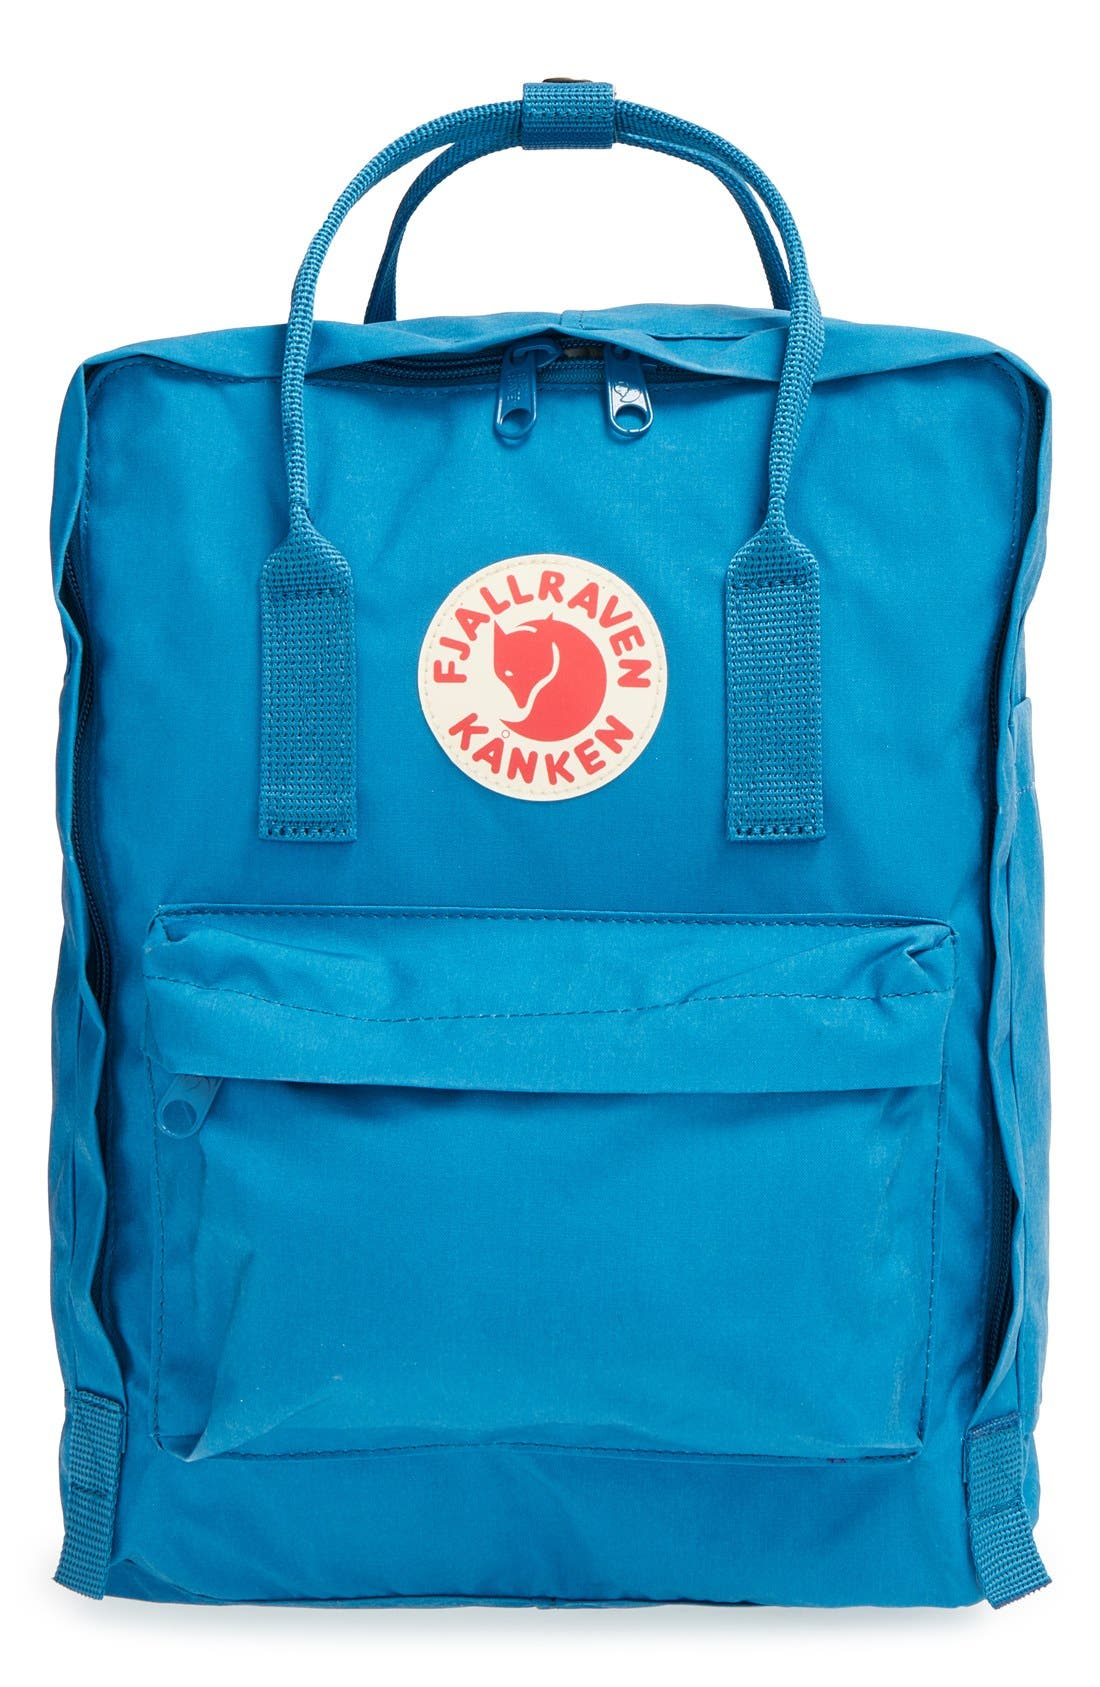 c8b1fba329e Women's Yellow Backpacks | Nordstrom